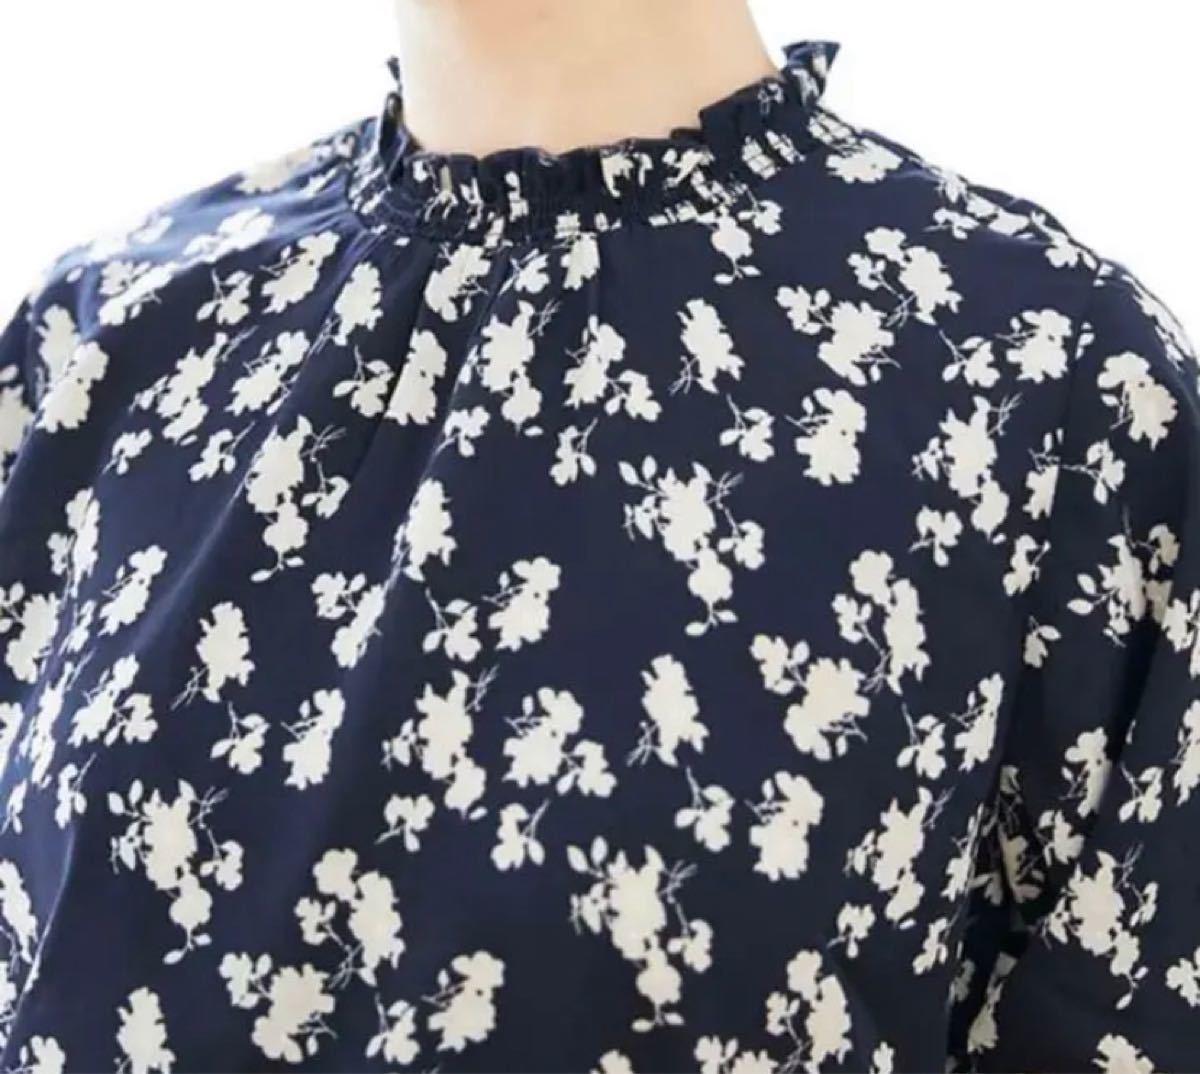 花柄ブラウス ブラウス フラワー ブラウス 半袖 花柄